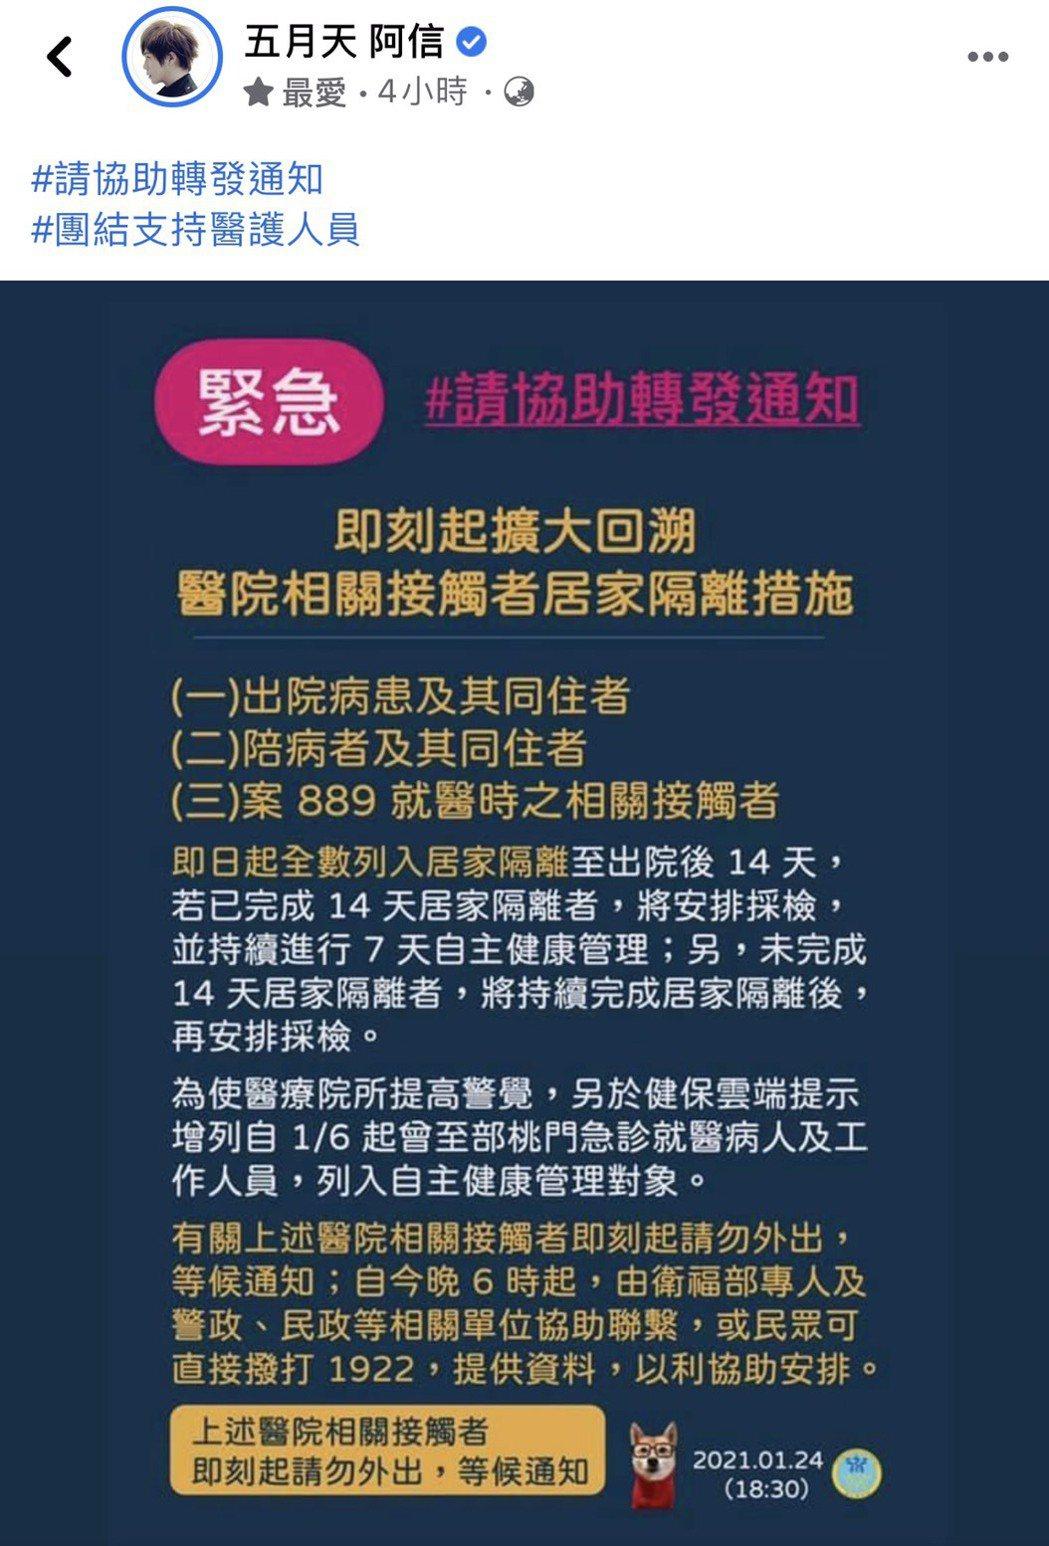 阿信轉發中央流行疫情指揮中心的公告,獲得迴響。圖/摘自臉書